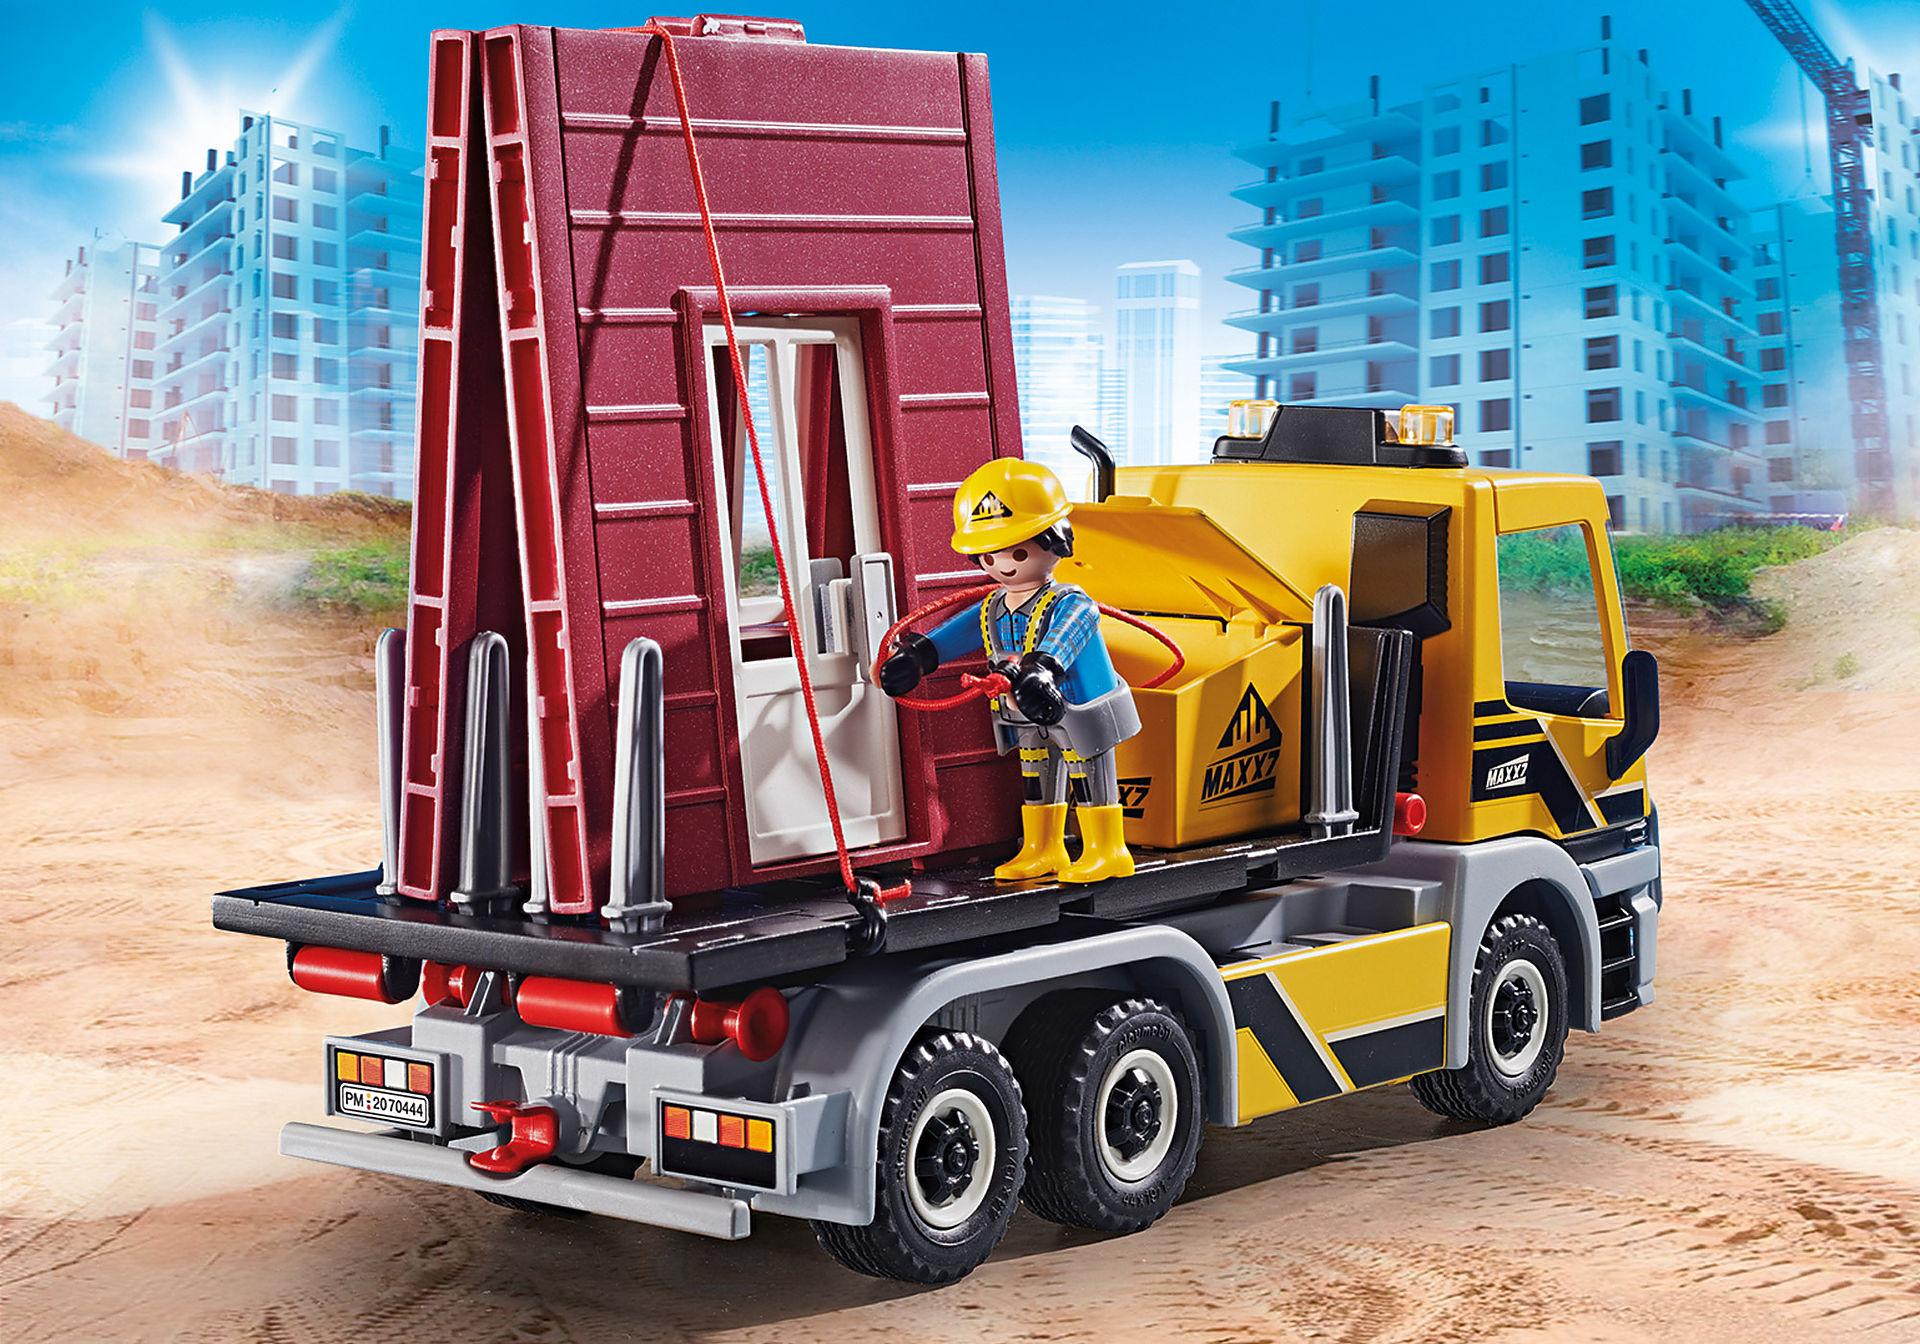 70444 Samochód ciężarowy z wymiennym nadwoziem zoom image6